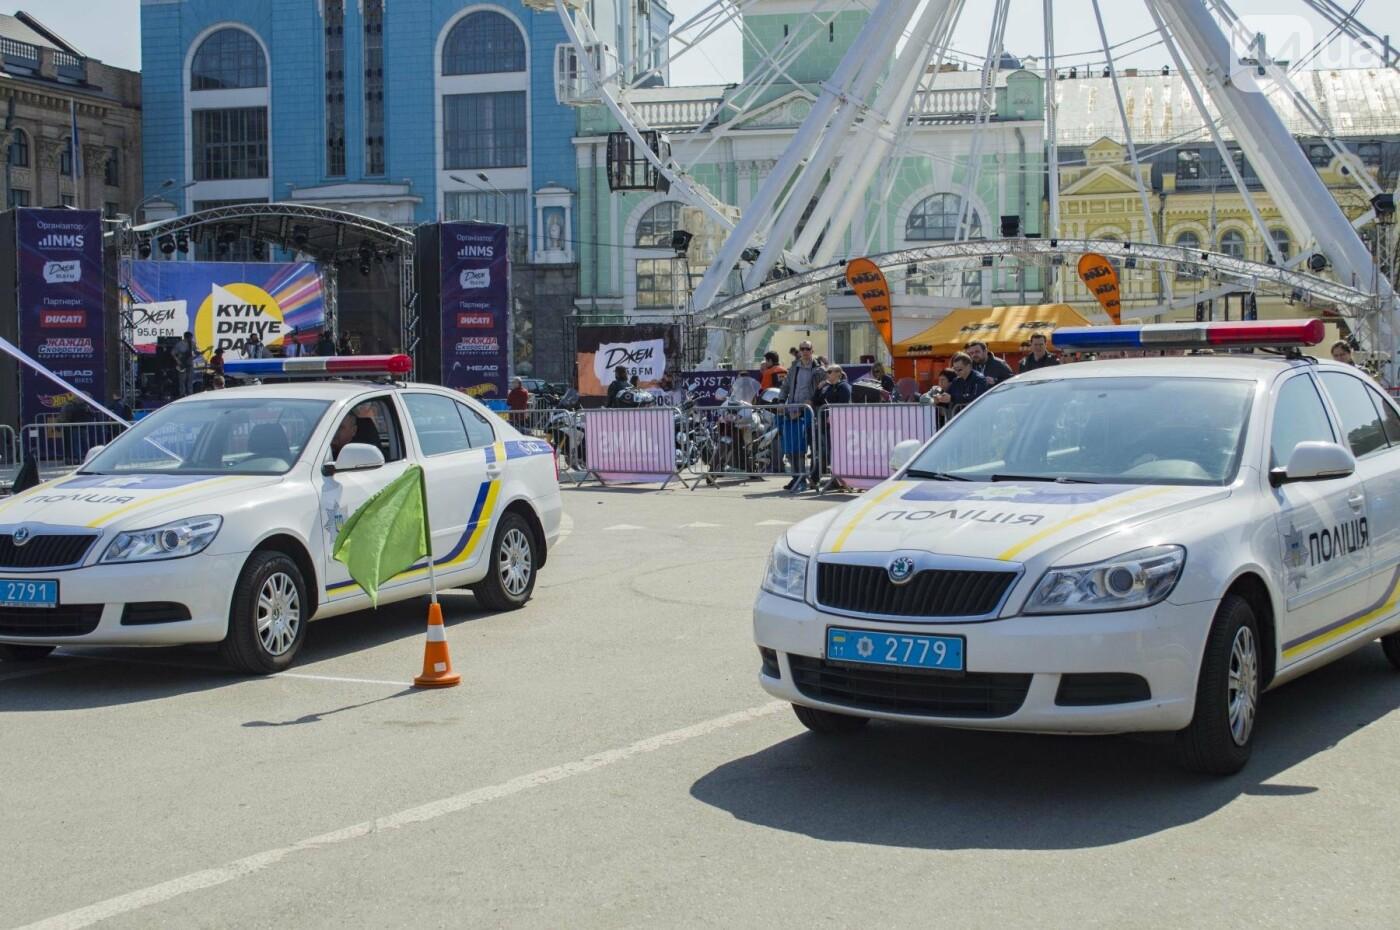 Мотогонки, автошоу патрульных и мощный дрифт: на Подоле проходит масштабный фестиваль драйва, фото-17